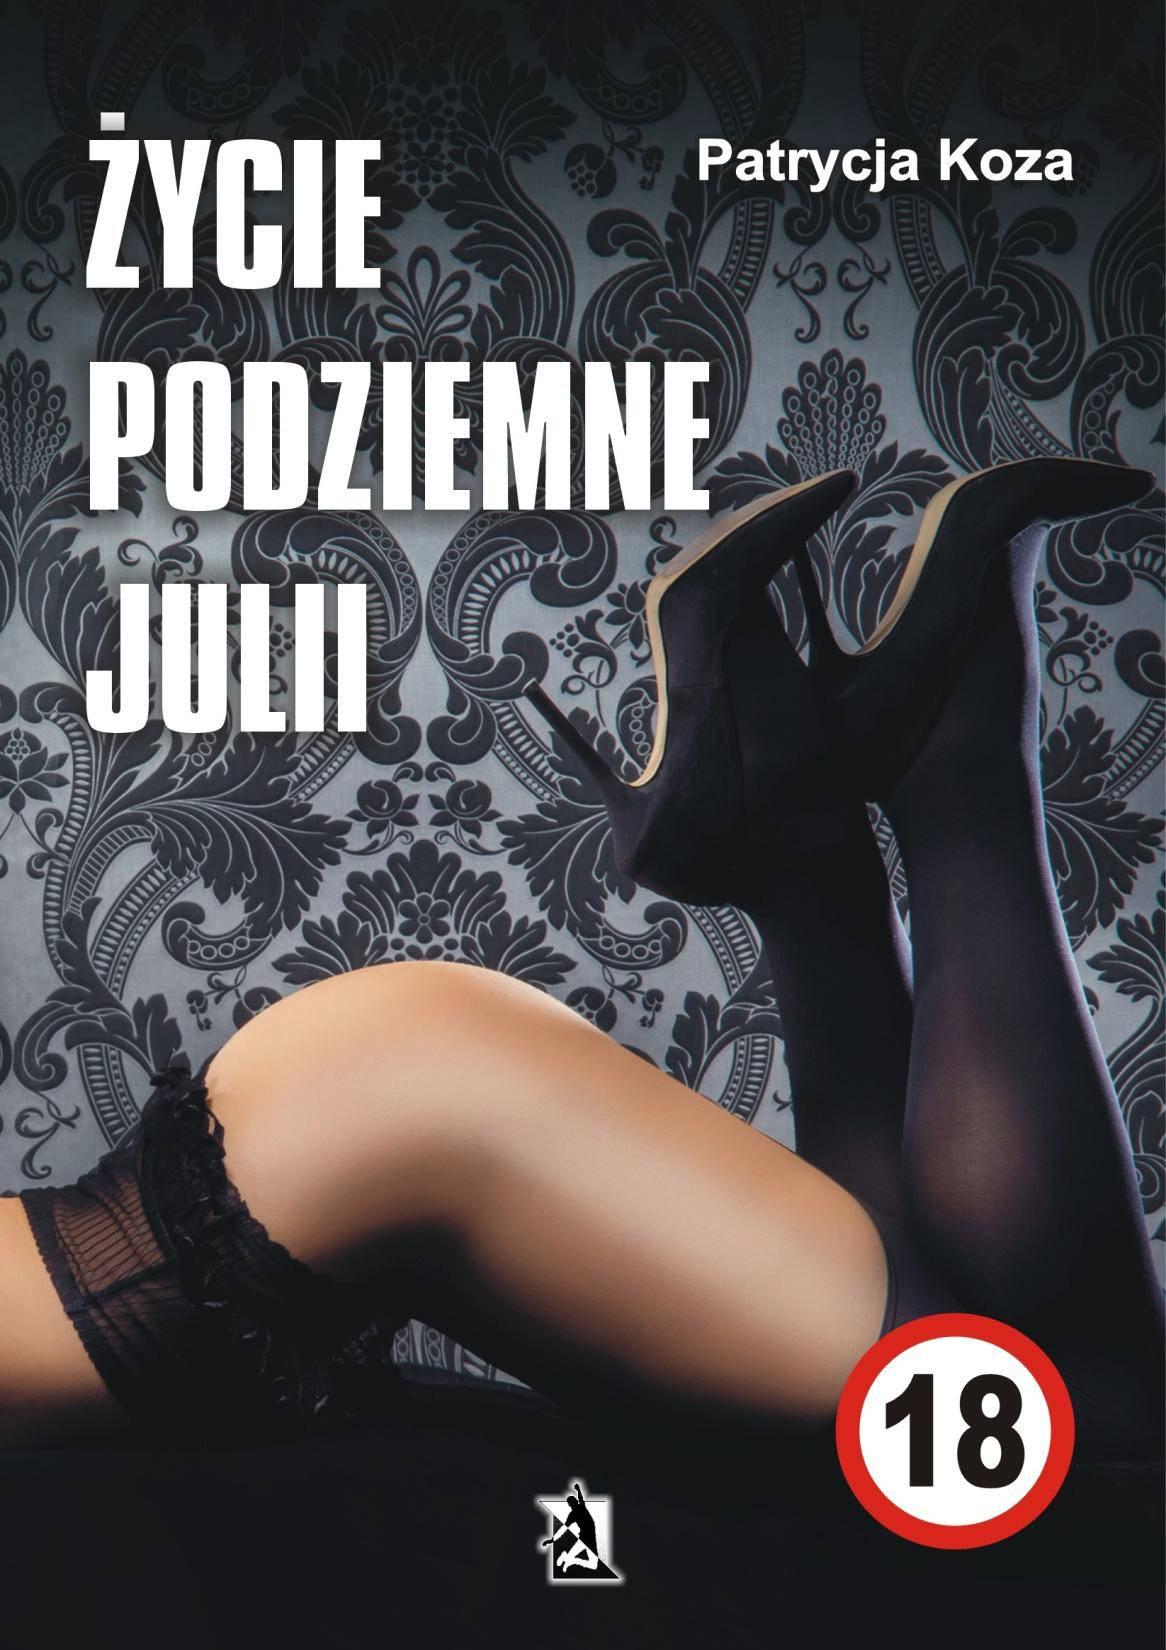 Życie podziemne Julii - Ebook (Książka EPUB) do pobrania w formacie EPUB